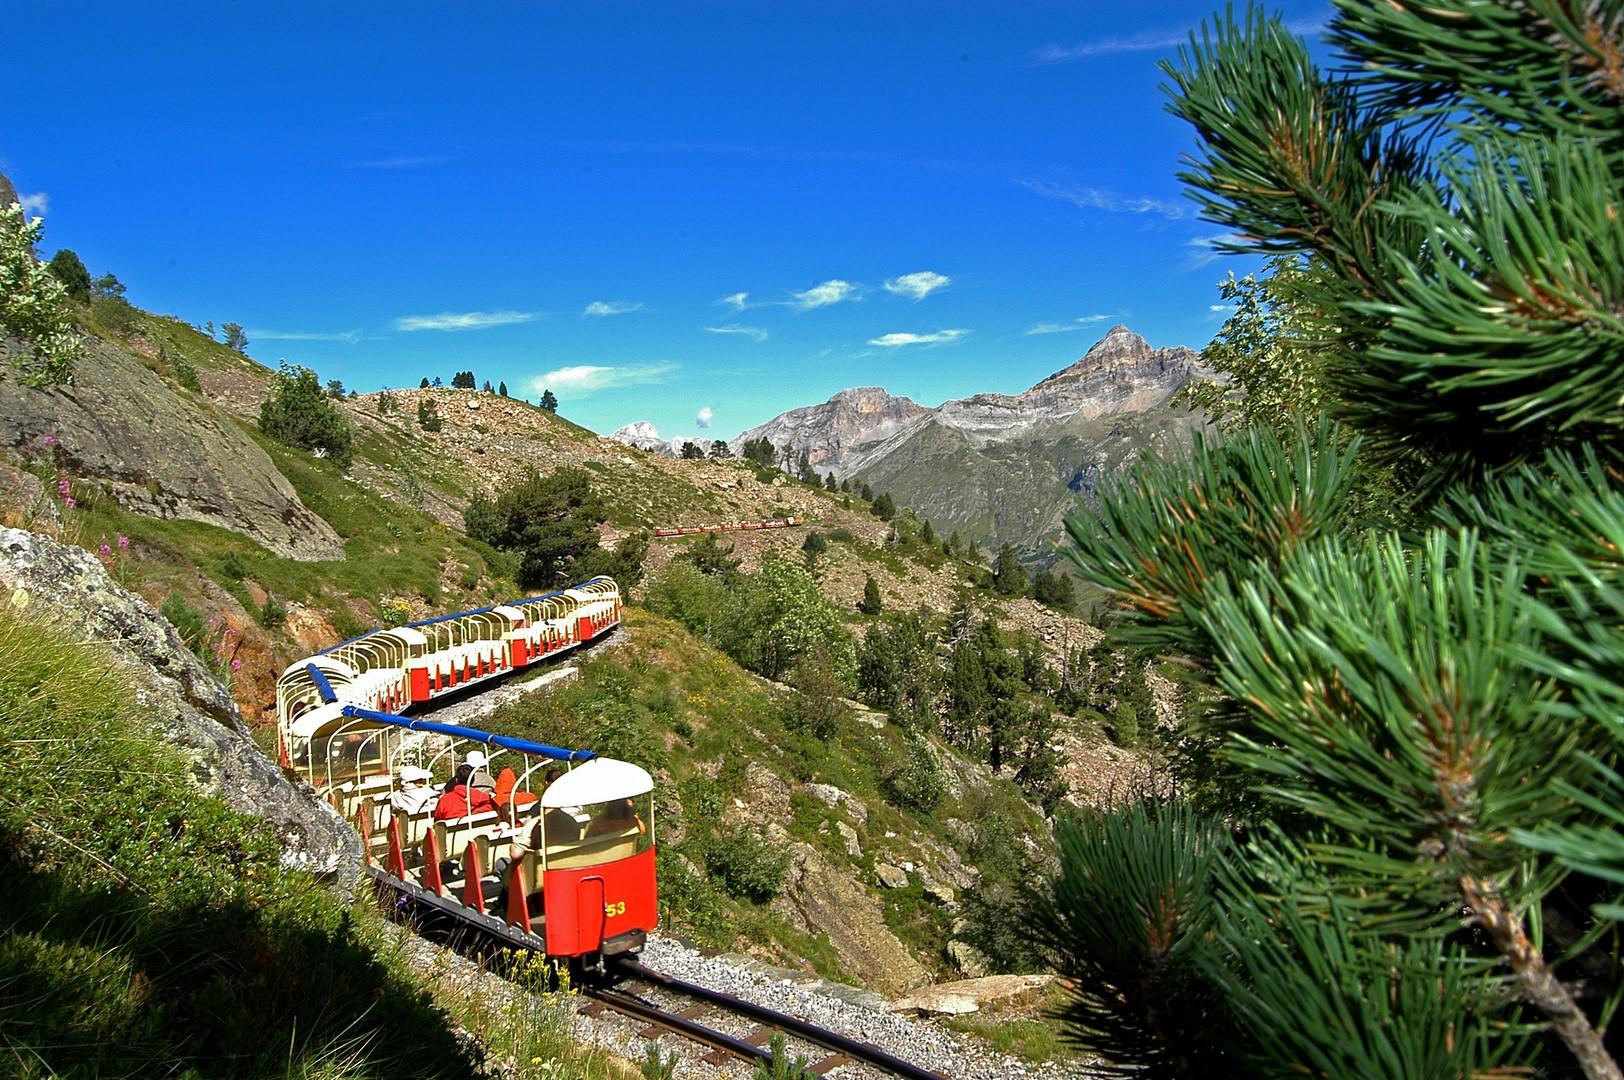 Cours De Cuisine Pyrenees Atlantiques the little train of artouste - coeur de béarn